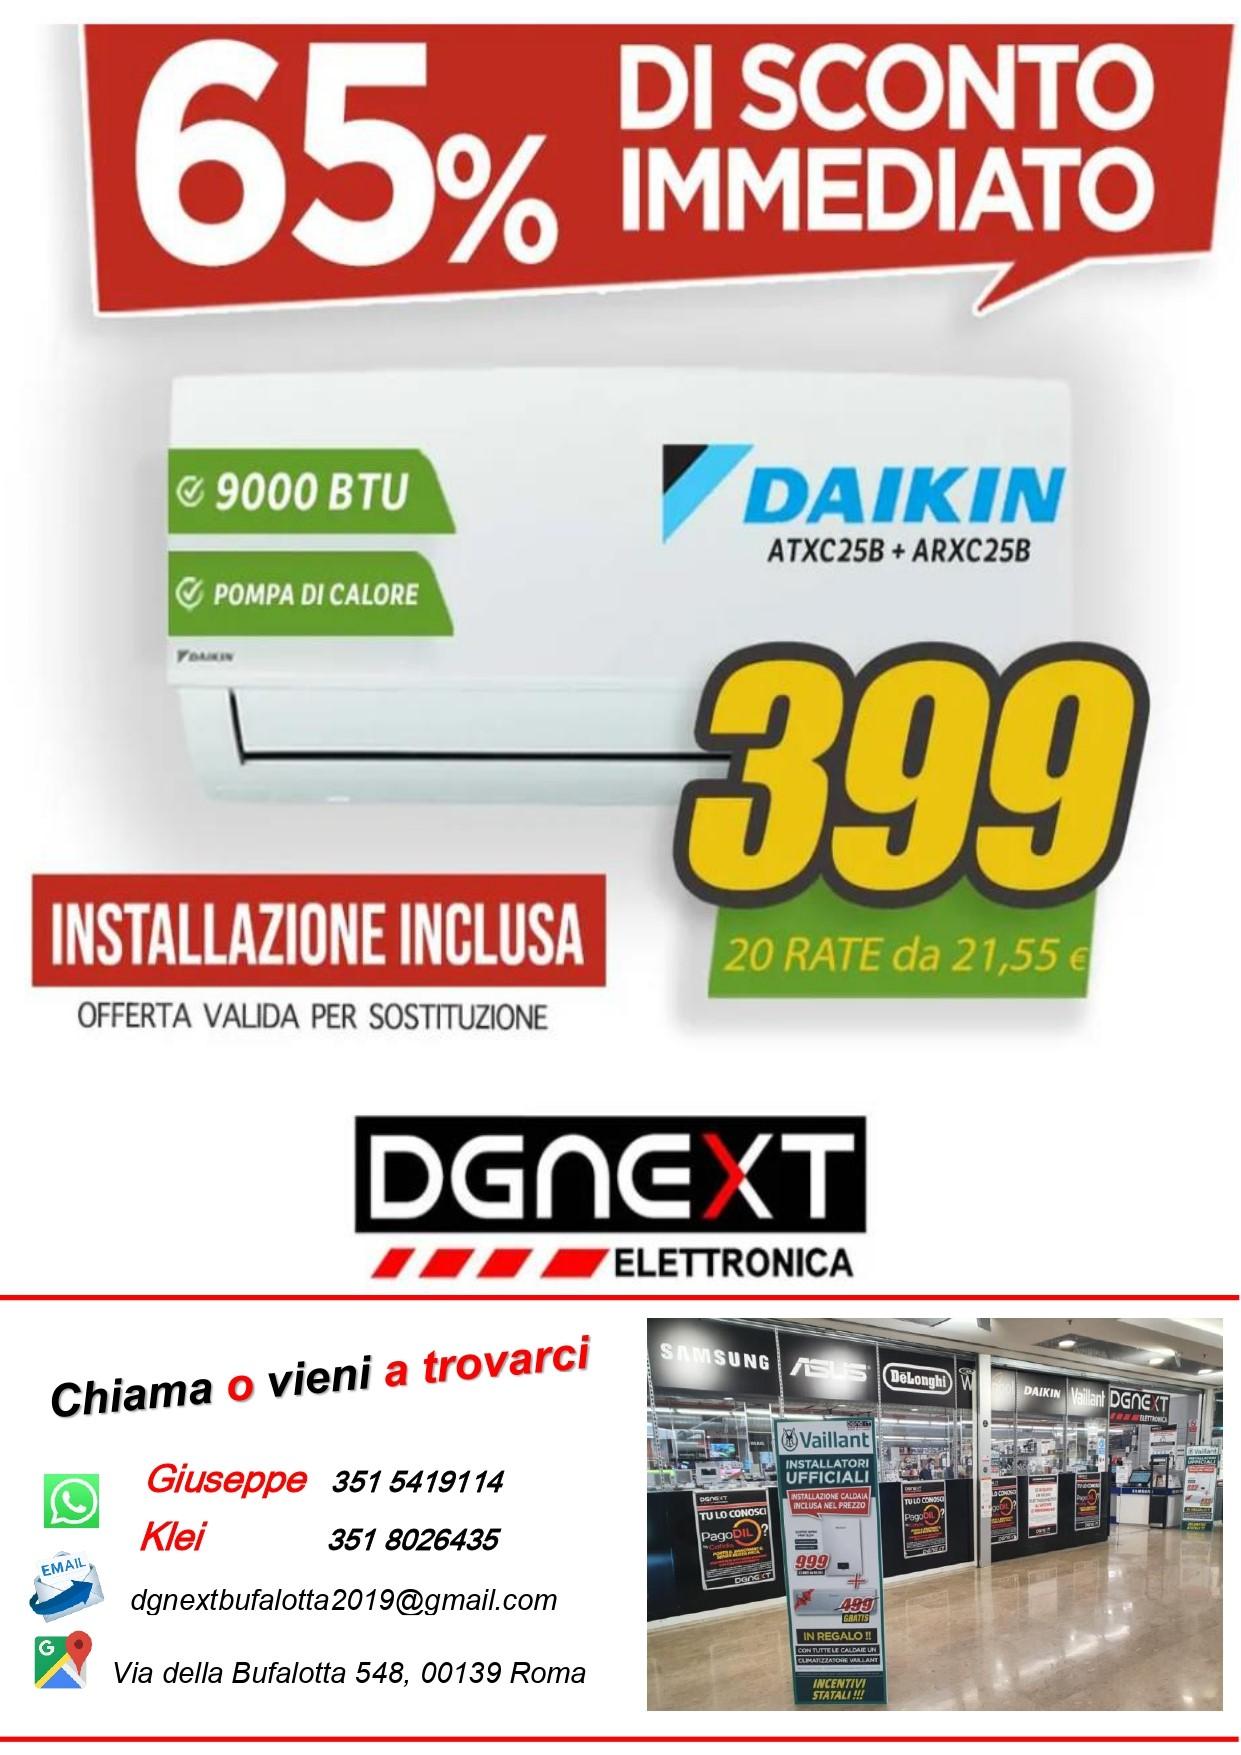 DGNext Elettronica: Sconto immediato